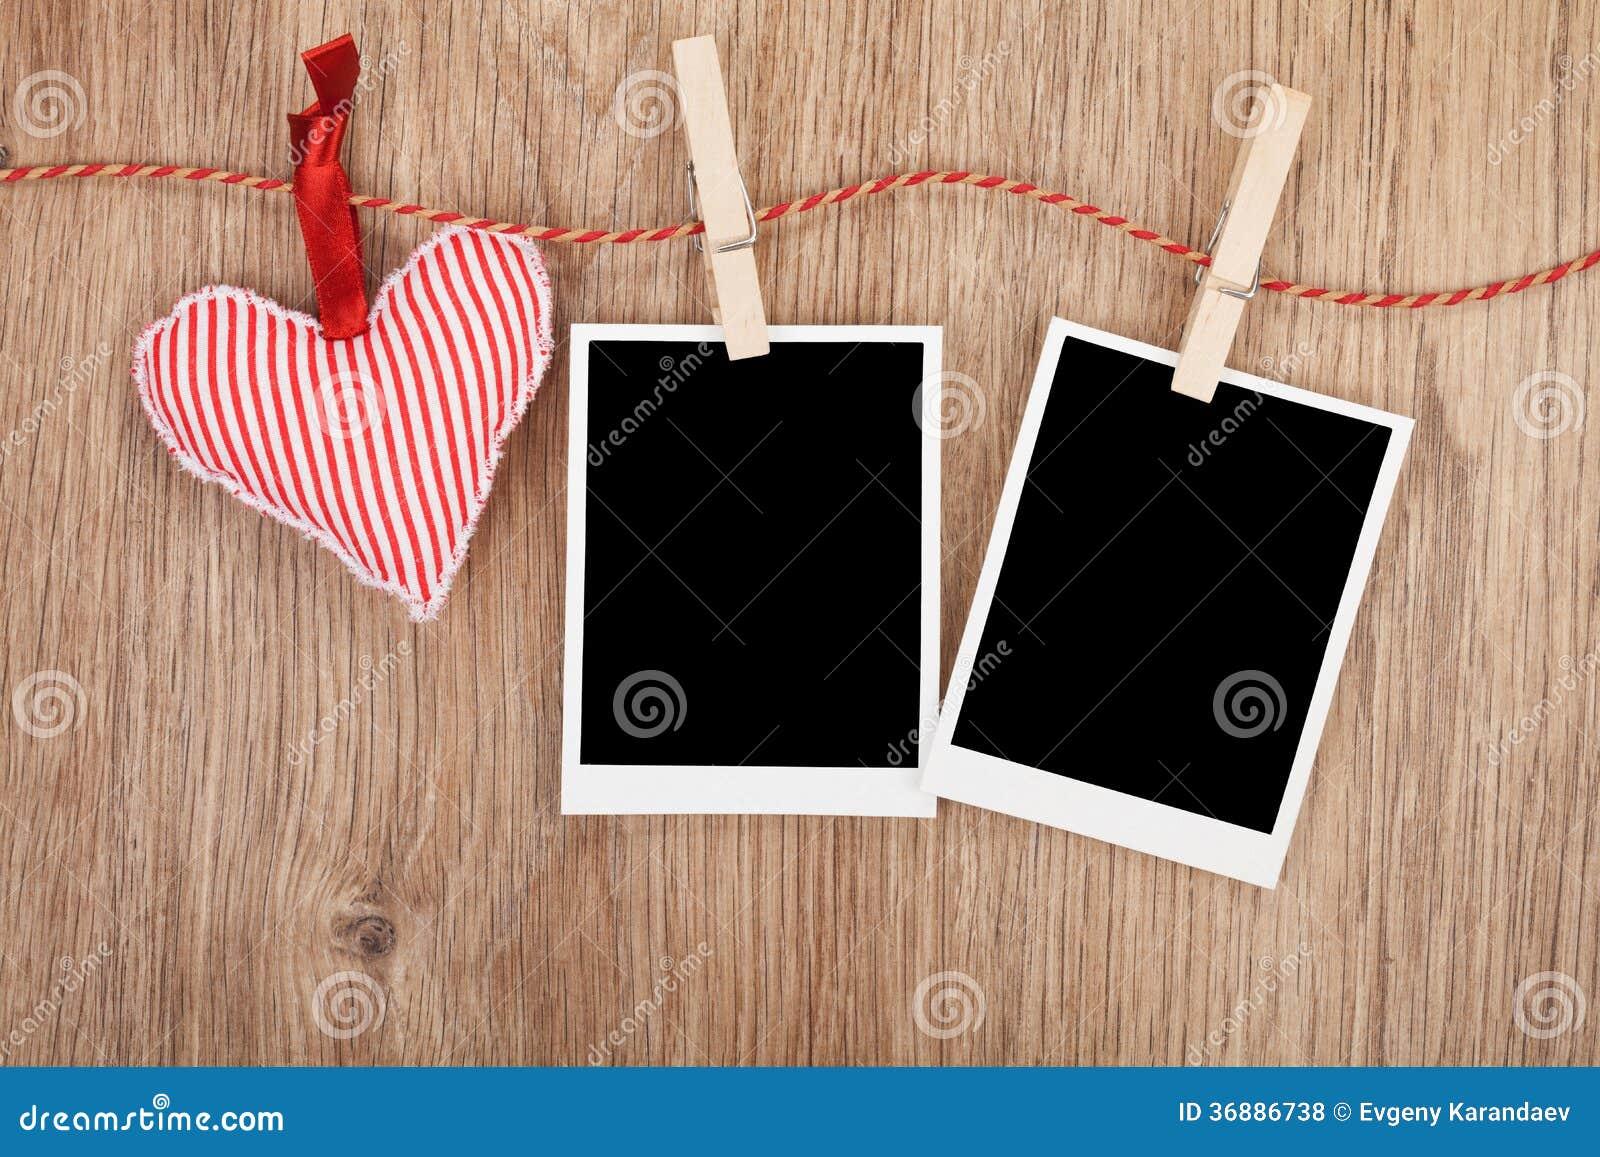 Download Foto Istantanee In Bianco E Cuore Rosso Che Appendono Sulla Corda Da Bucato Fotografia Stock - Immagine di telaio, giorno: 36886738